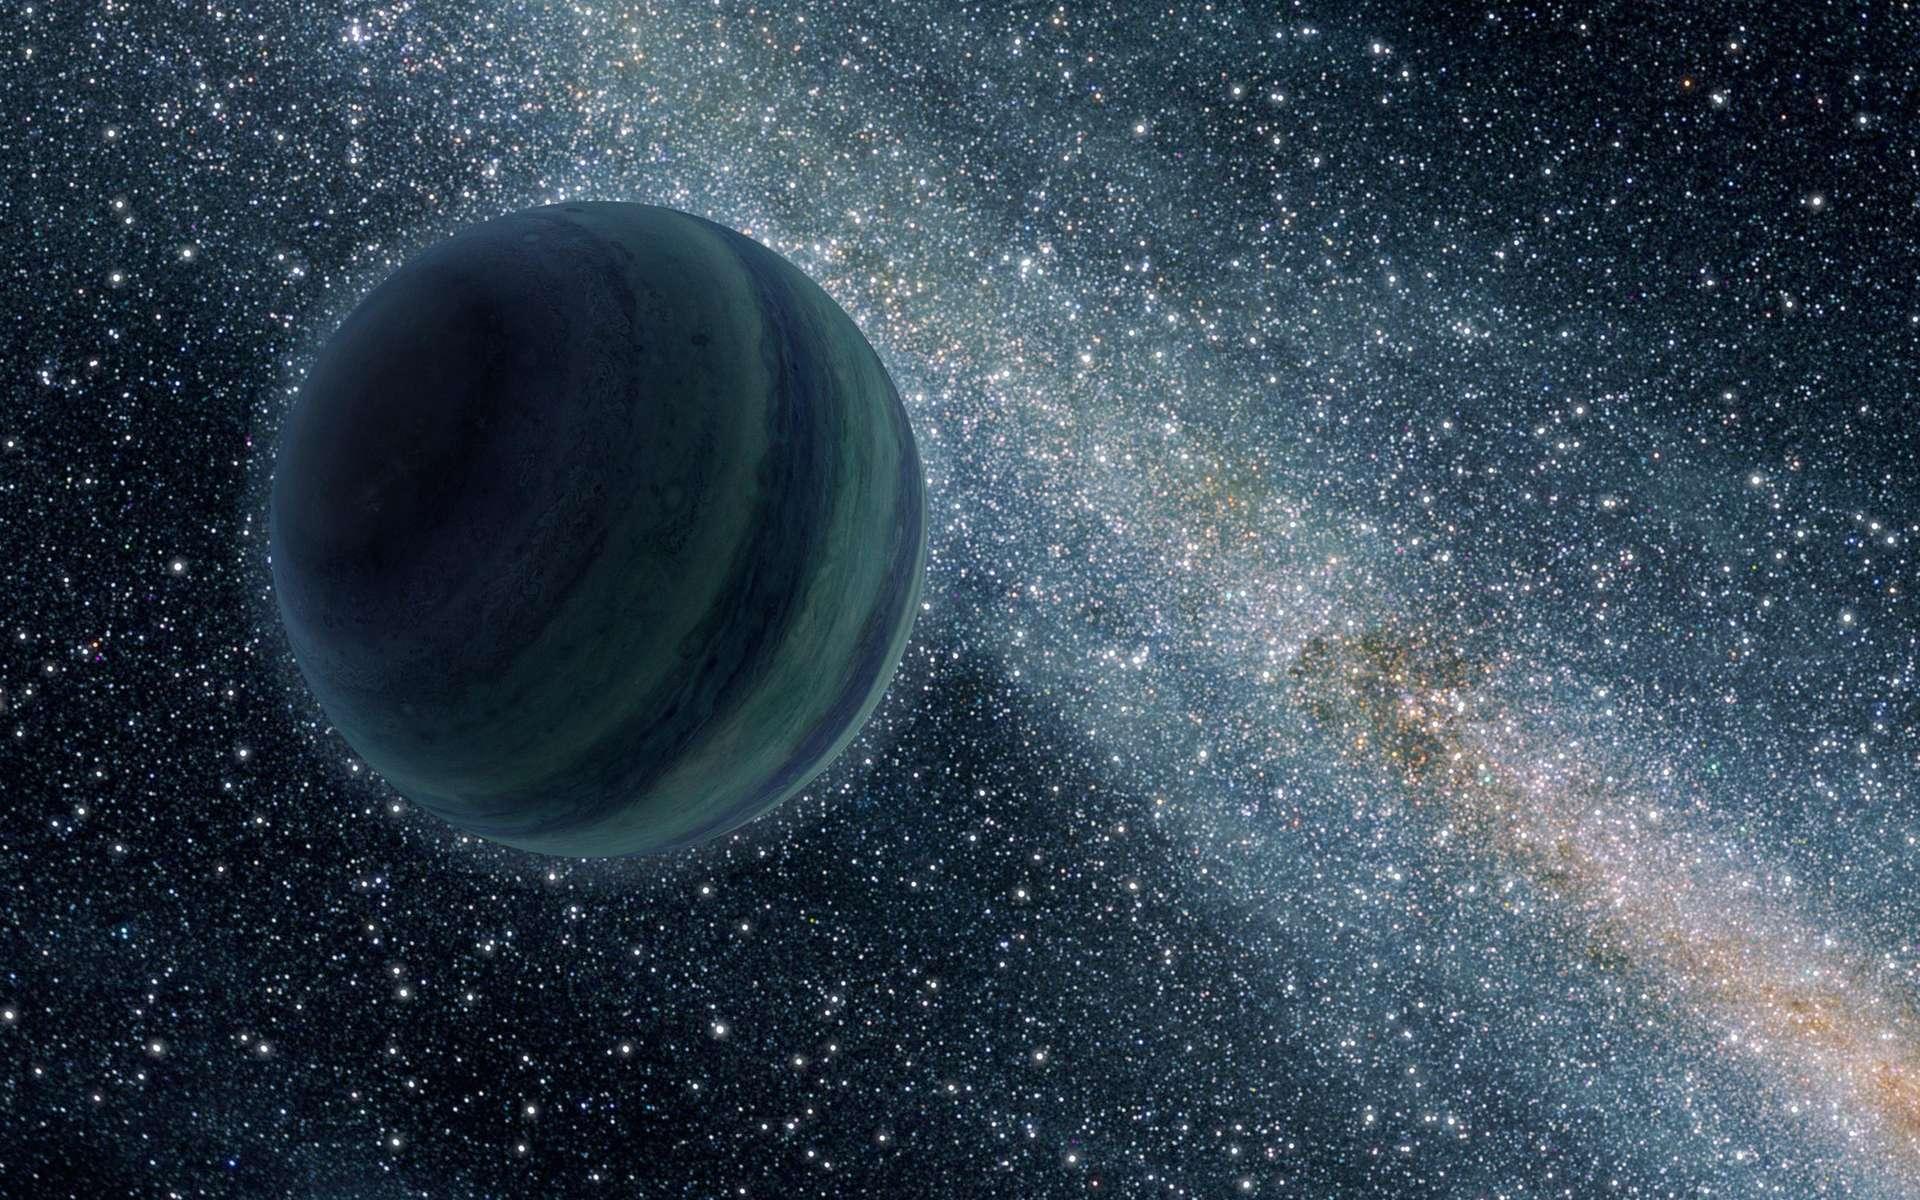 Vue d'artiste d'une planète flottante de la taille de Jupiter. © Nasa, JPL-Caltech.